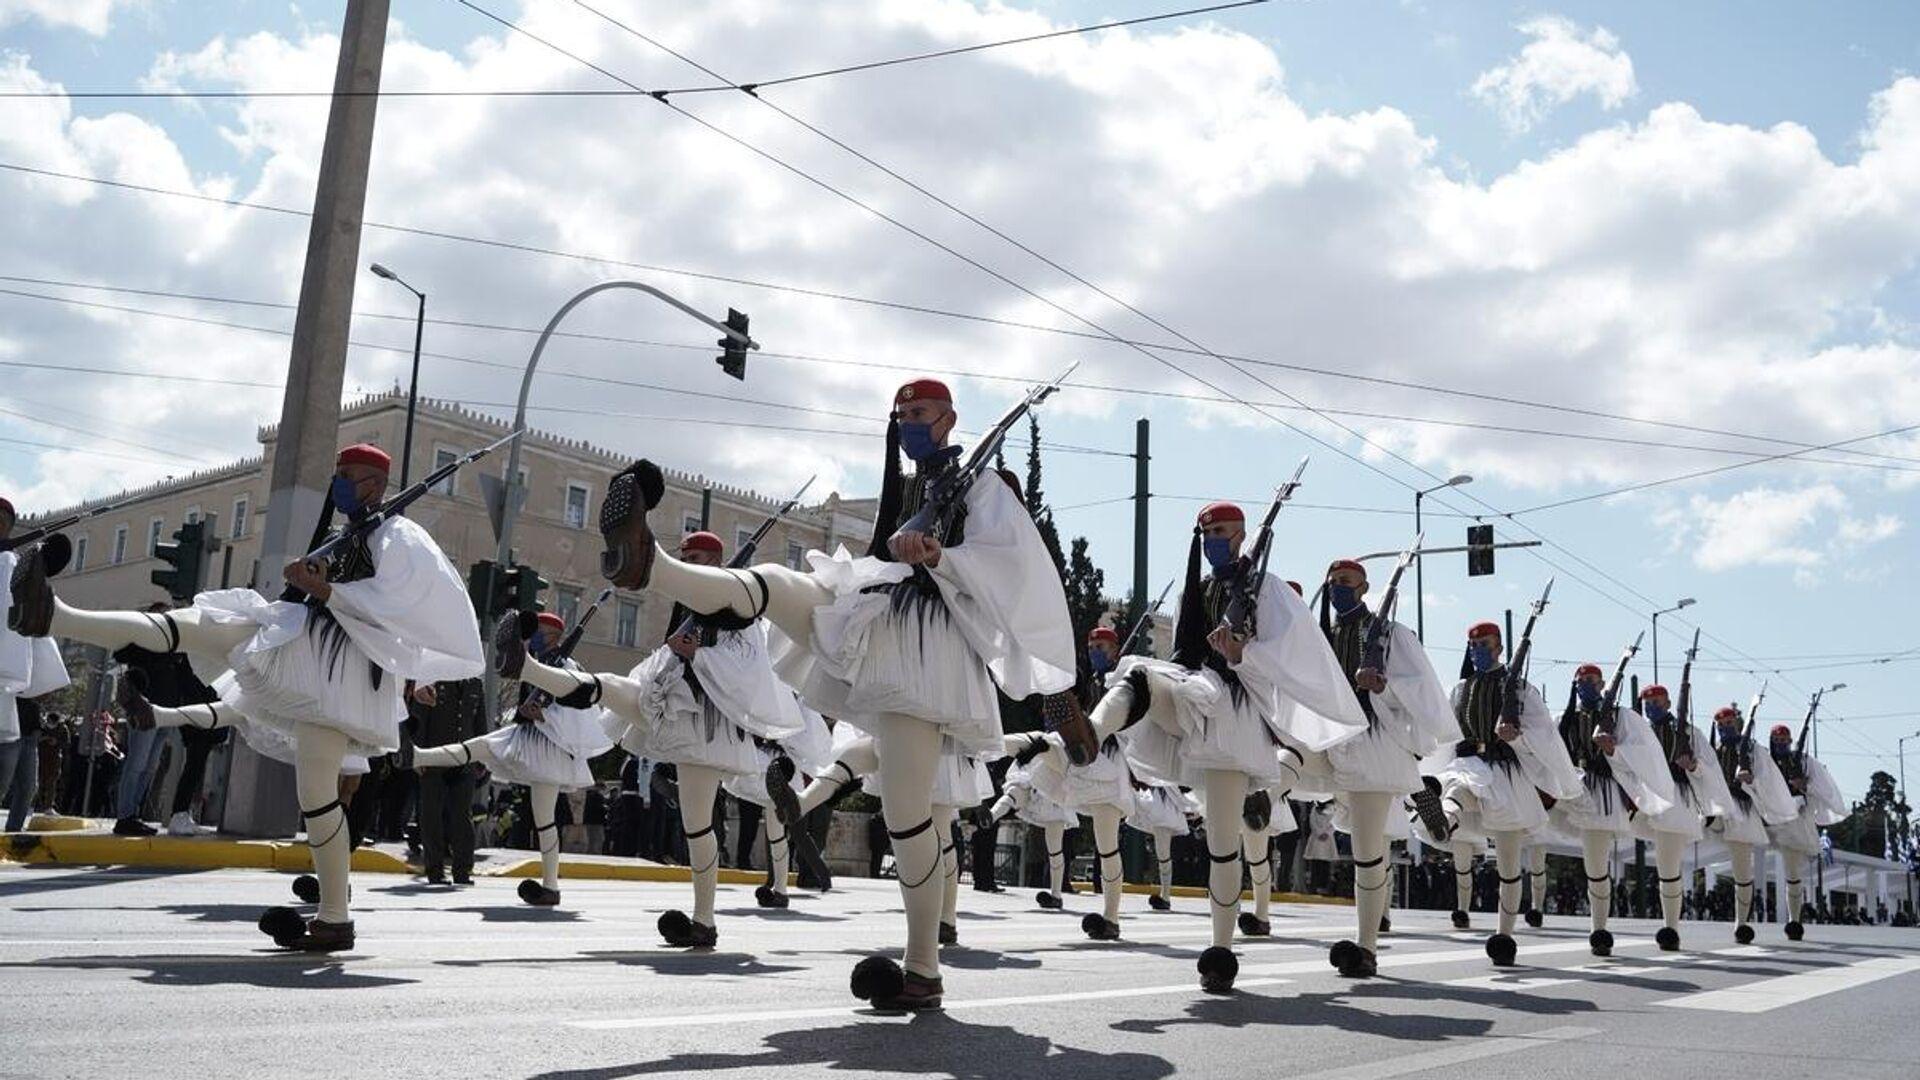 Στρατιωτική παρέλαση της 25ης Μαρτίου για τα 200 χρόνια από την ελληνική επανάσταση - Sputnik Ελλάδα, 1920, 02.10.2021